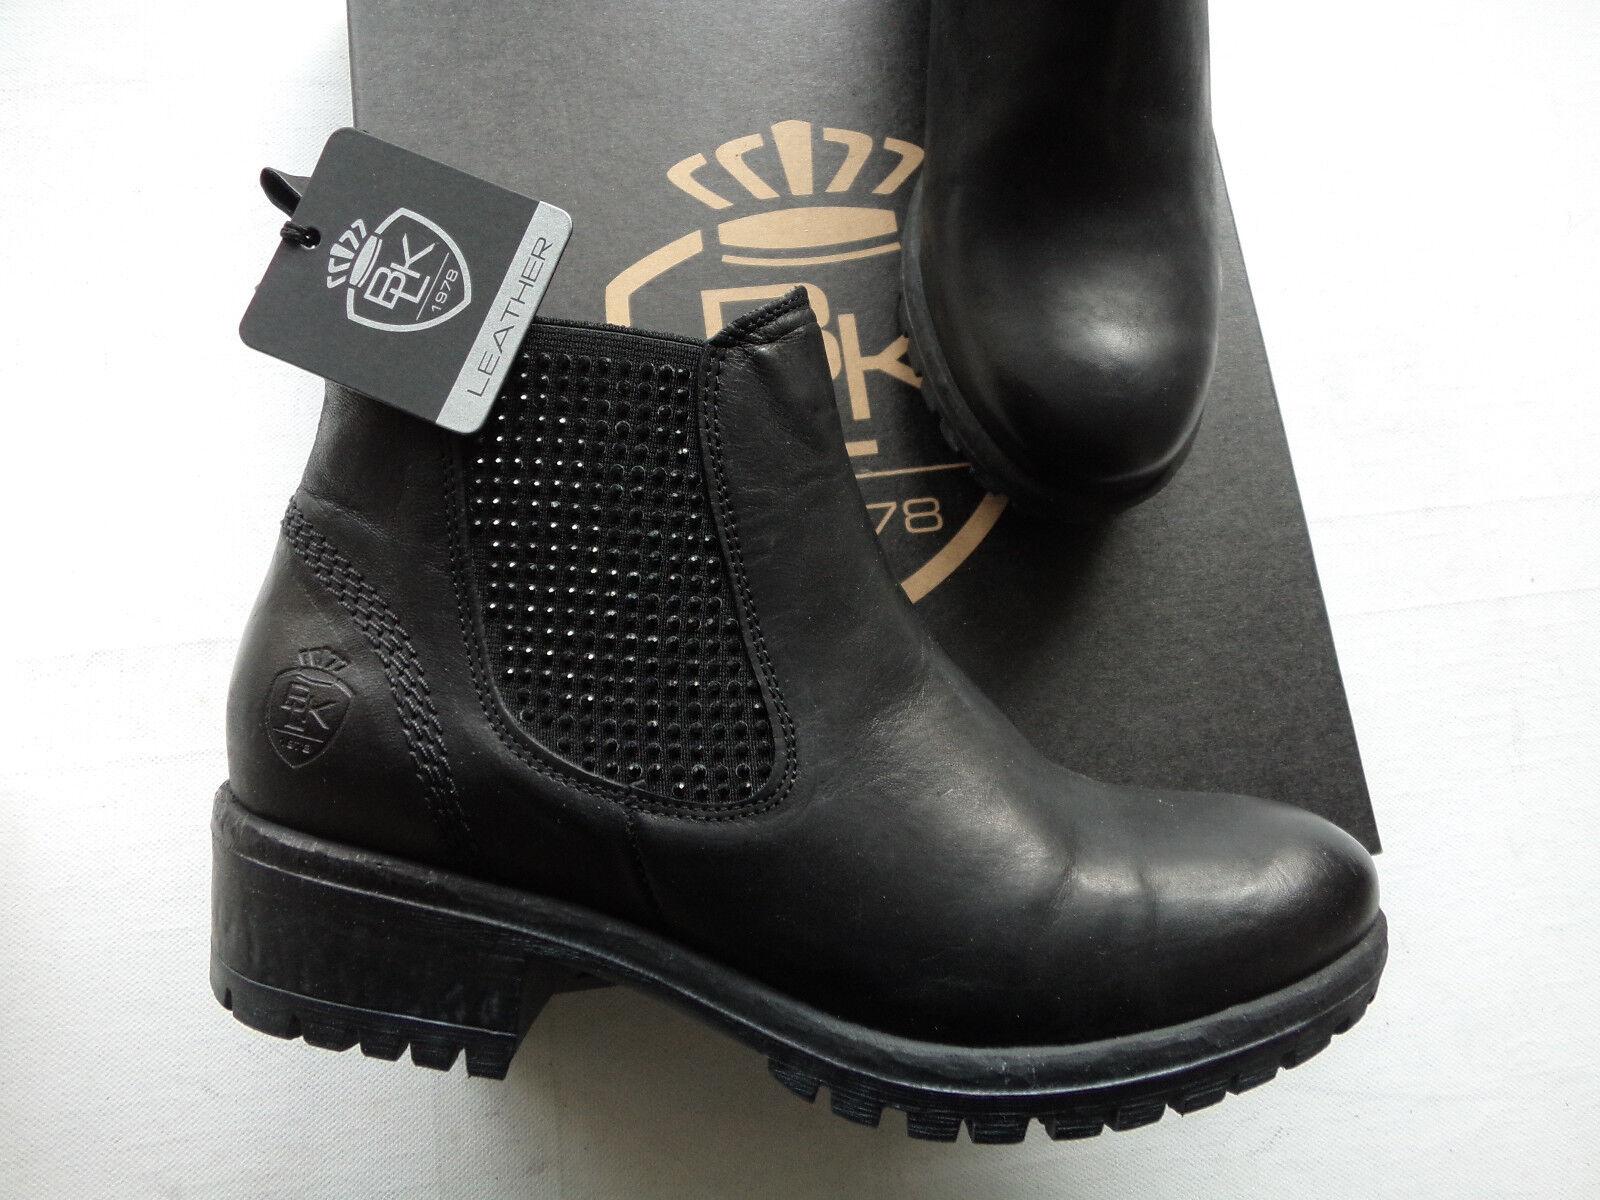 NEU schwarz  Stiefel Stiefelette echt Leder schwarz Made in Portugal Größe 39